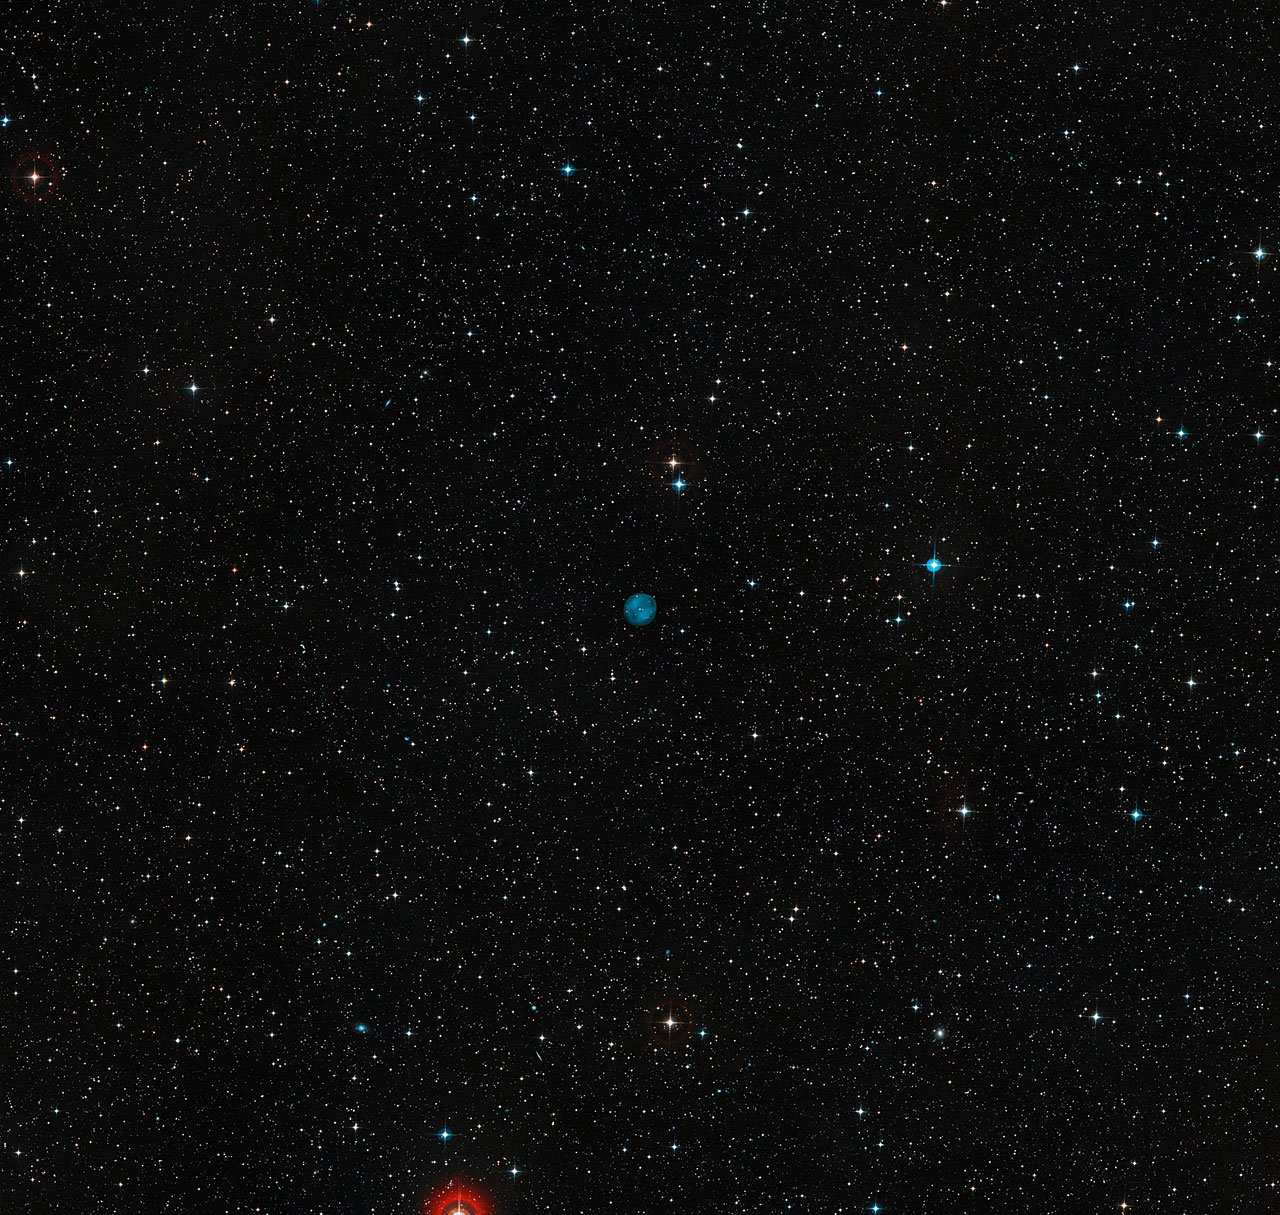 Dieses Bild zeigt die Himmelsregion um ESO 378-1. Der Planetarische Nebel erscheint deutlich als blaue Scheibe in der Mitte des Bildes. Das Bild wurde aus Aufnahmen des Digitized Sky Survey 2 erstellt.